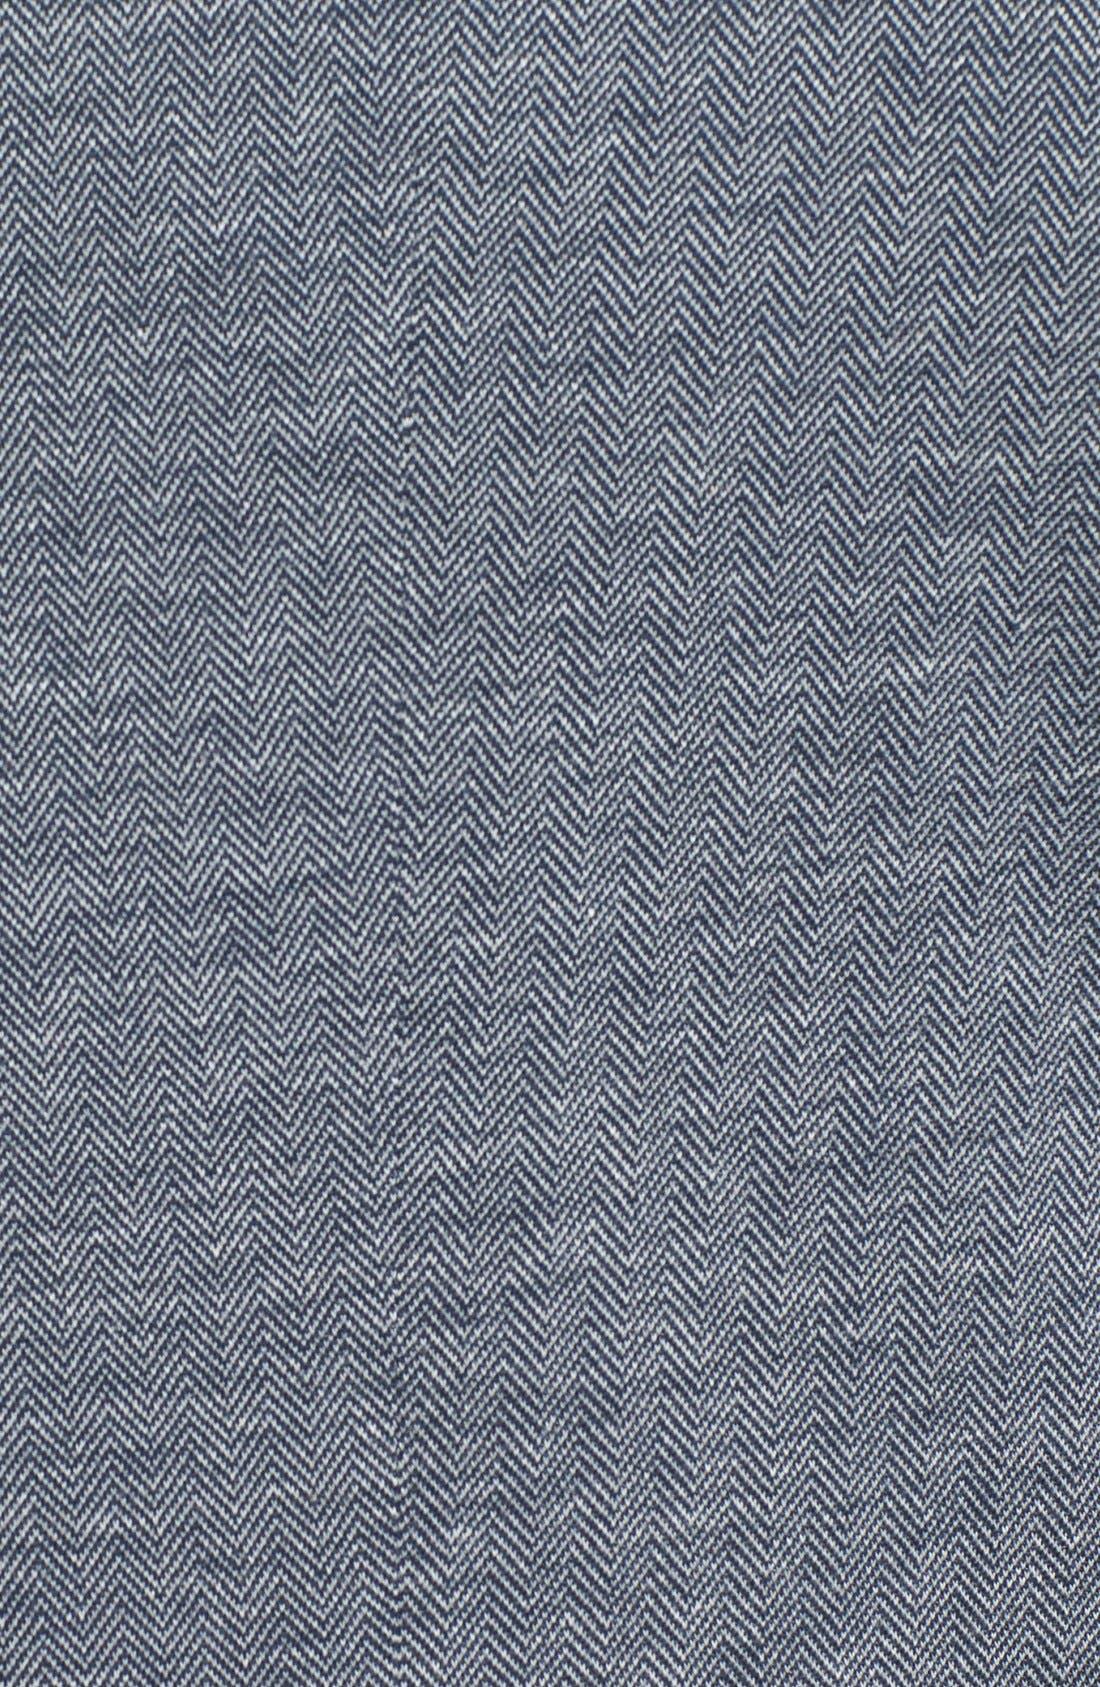 TED BAKER LONDON,                             'Limboe' Modern Trim Fit Herringbone Blazer,                             Alternate thumbnail 2, color,                             410